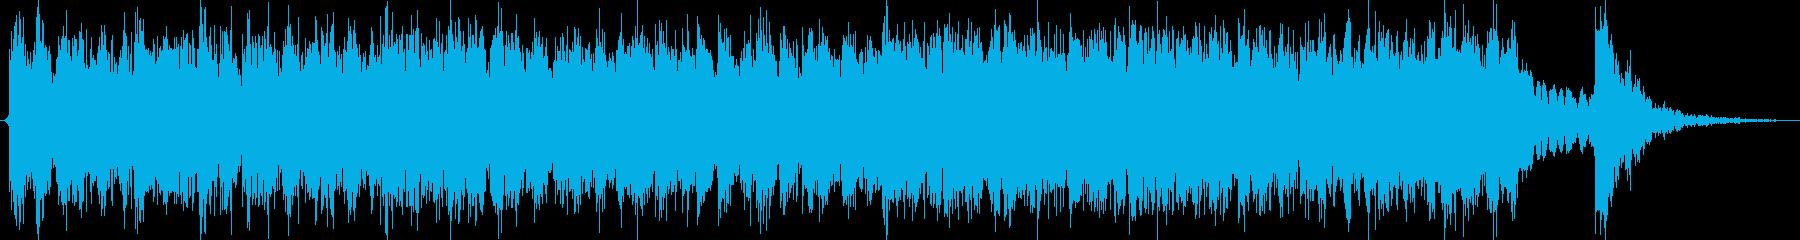 太鼓が激しい約三十秒の和風曲の再生済みの波形